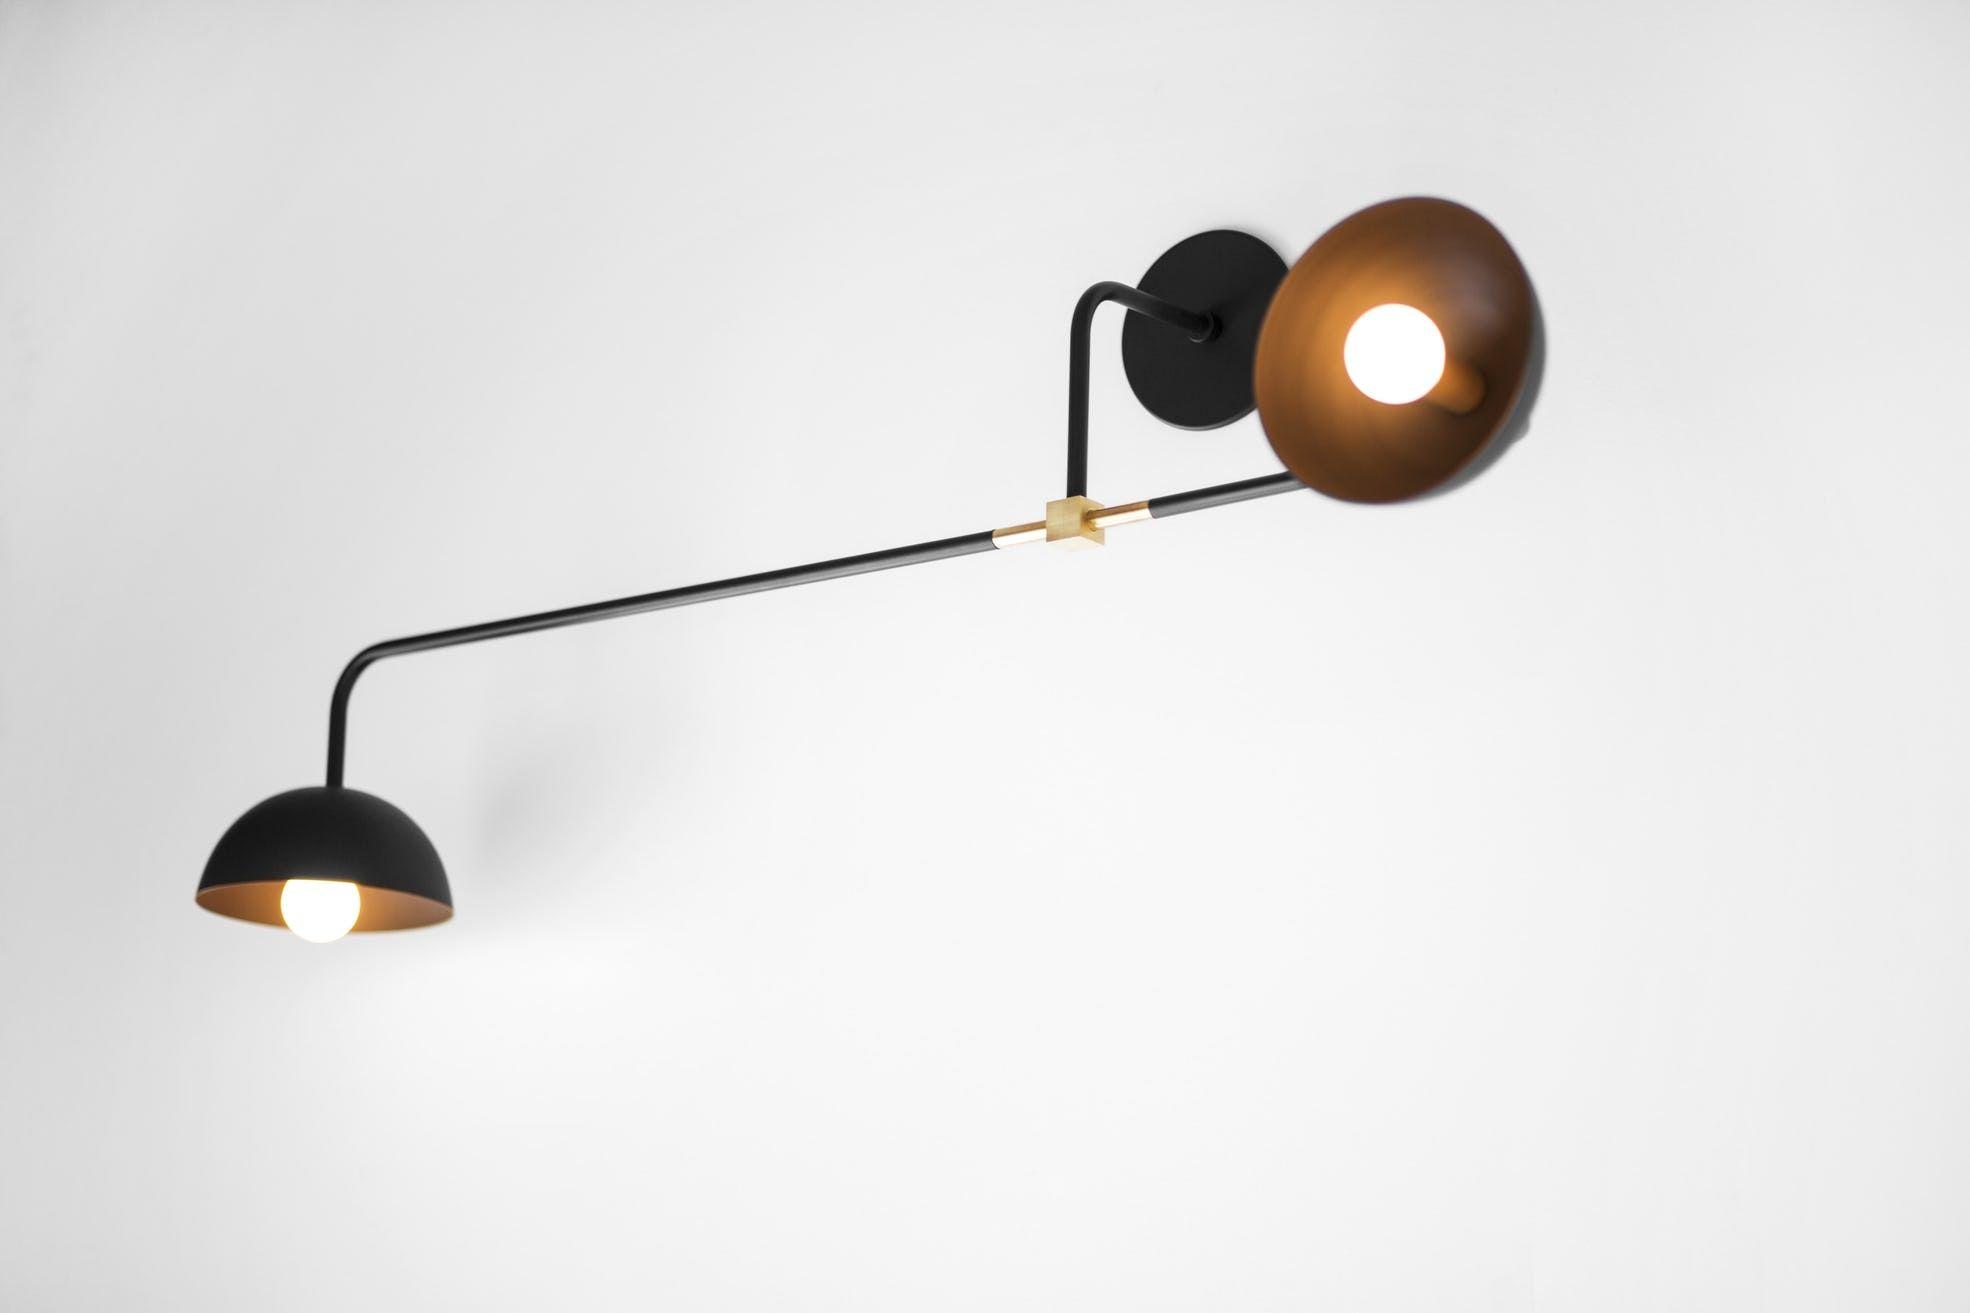 Beaubien Wall Double Shade By Lambert Fils Wall Lighting Design Contemporary Lighting Design Wall Lights